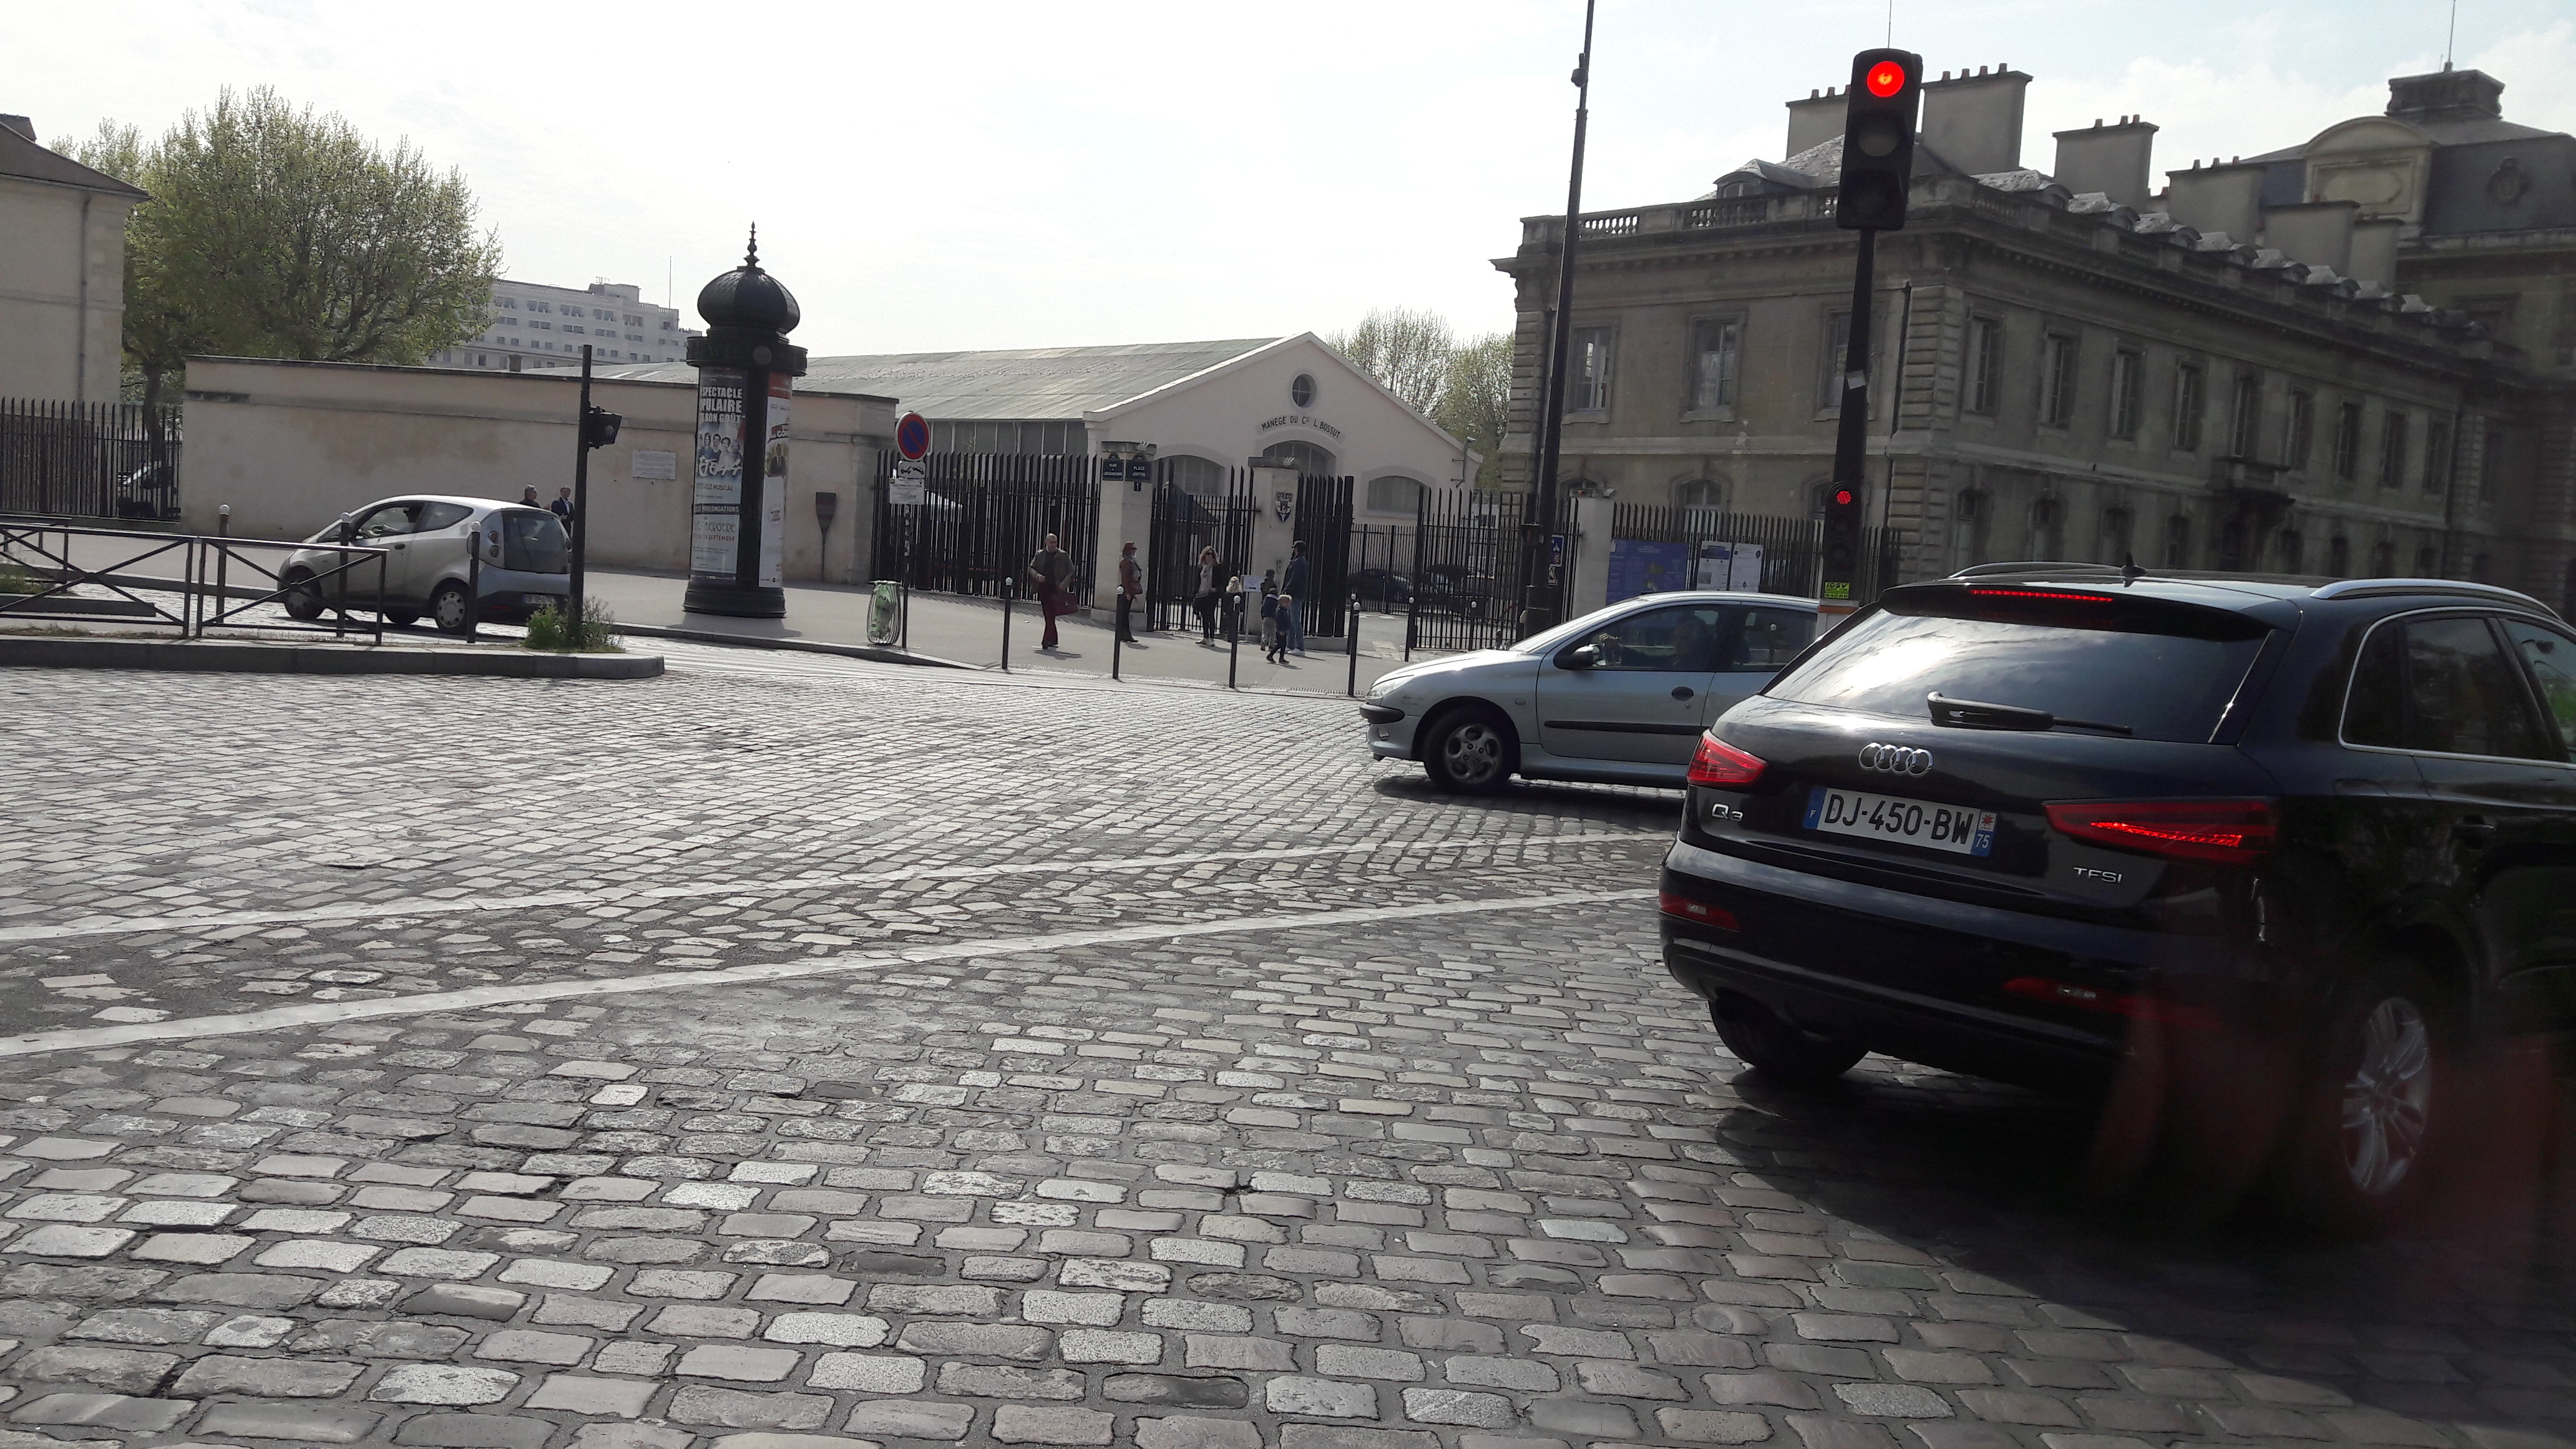 paris-ecole-militaire-manege-ecurie-bossut-apr17